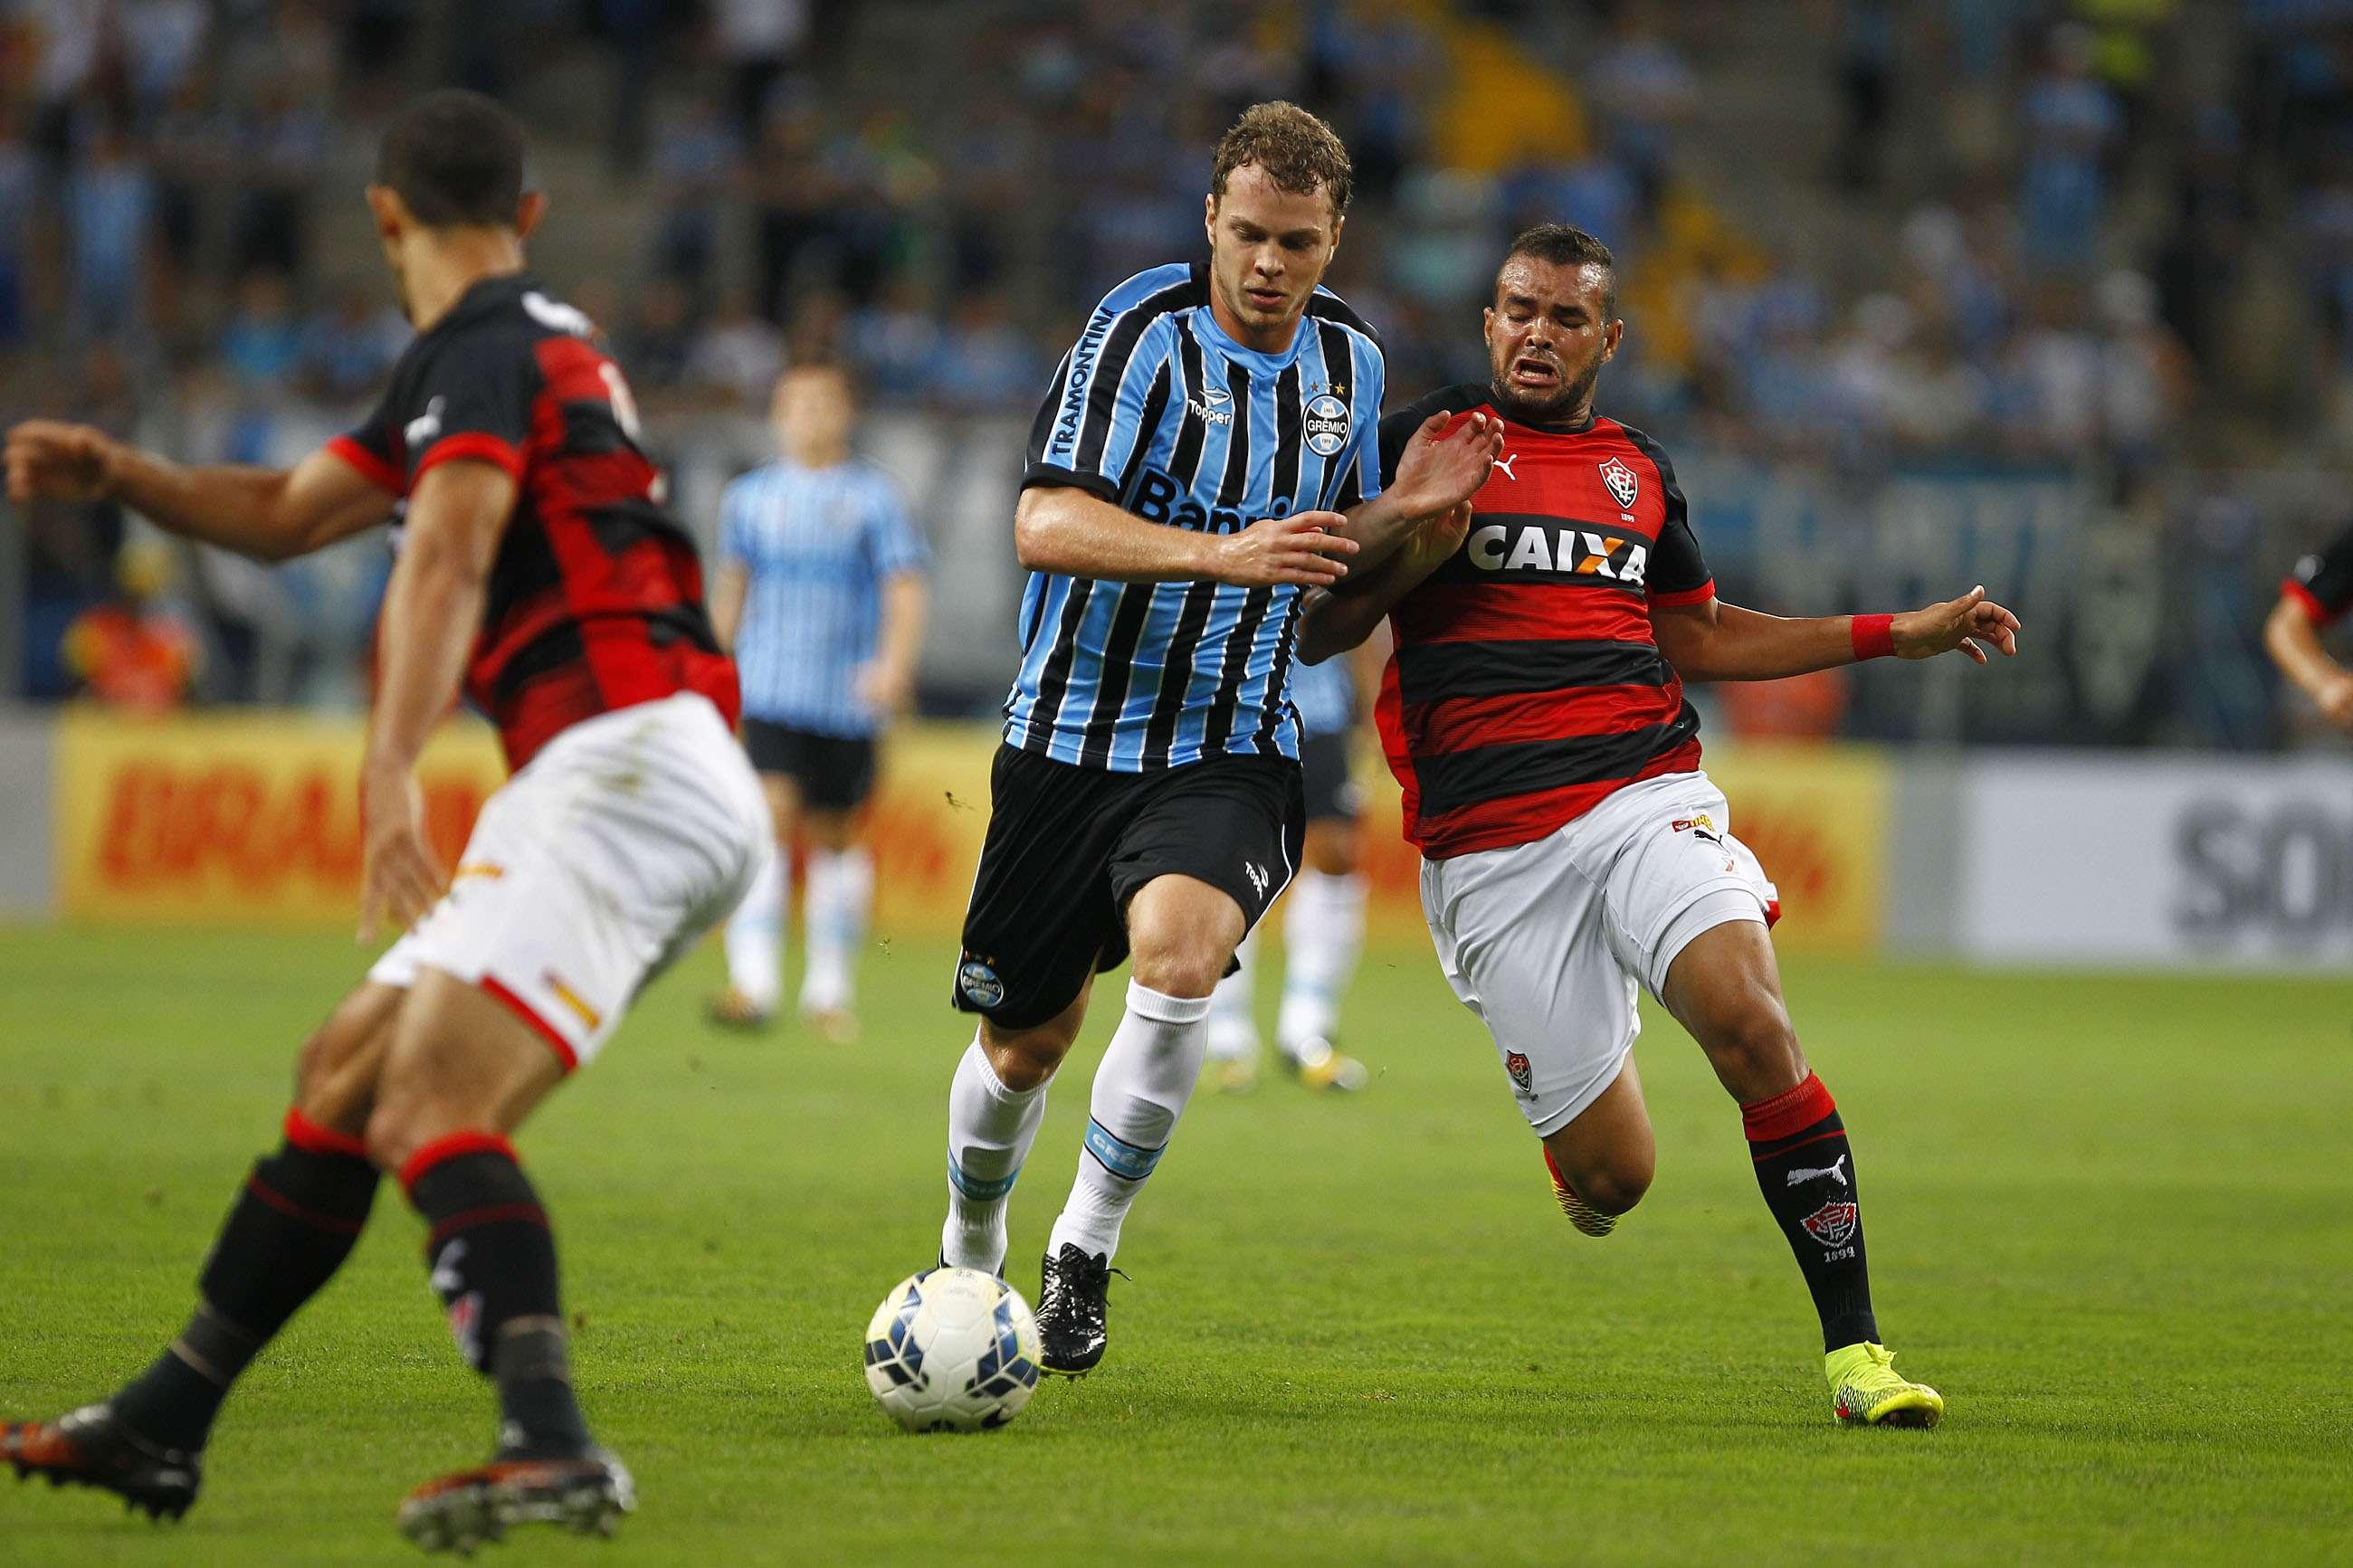 Lucas Coelho teve atuação discreta no primeiro tempo Foto: Lucas Uebel/Grêmio FBPA/Divulgação